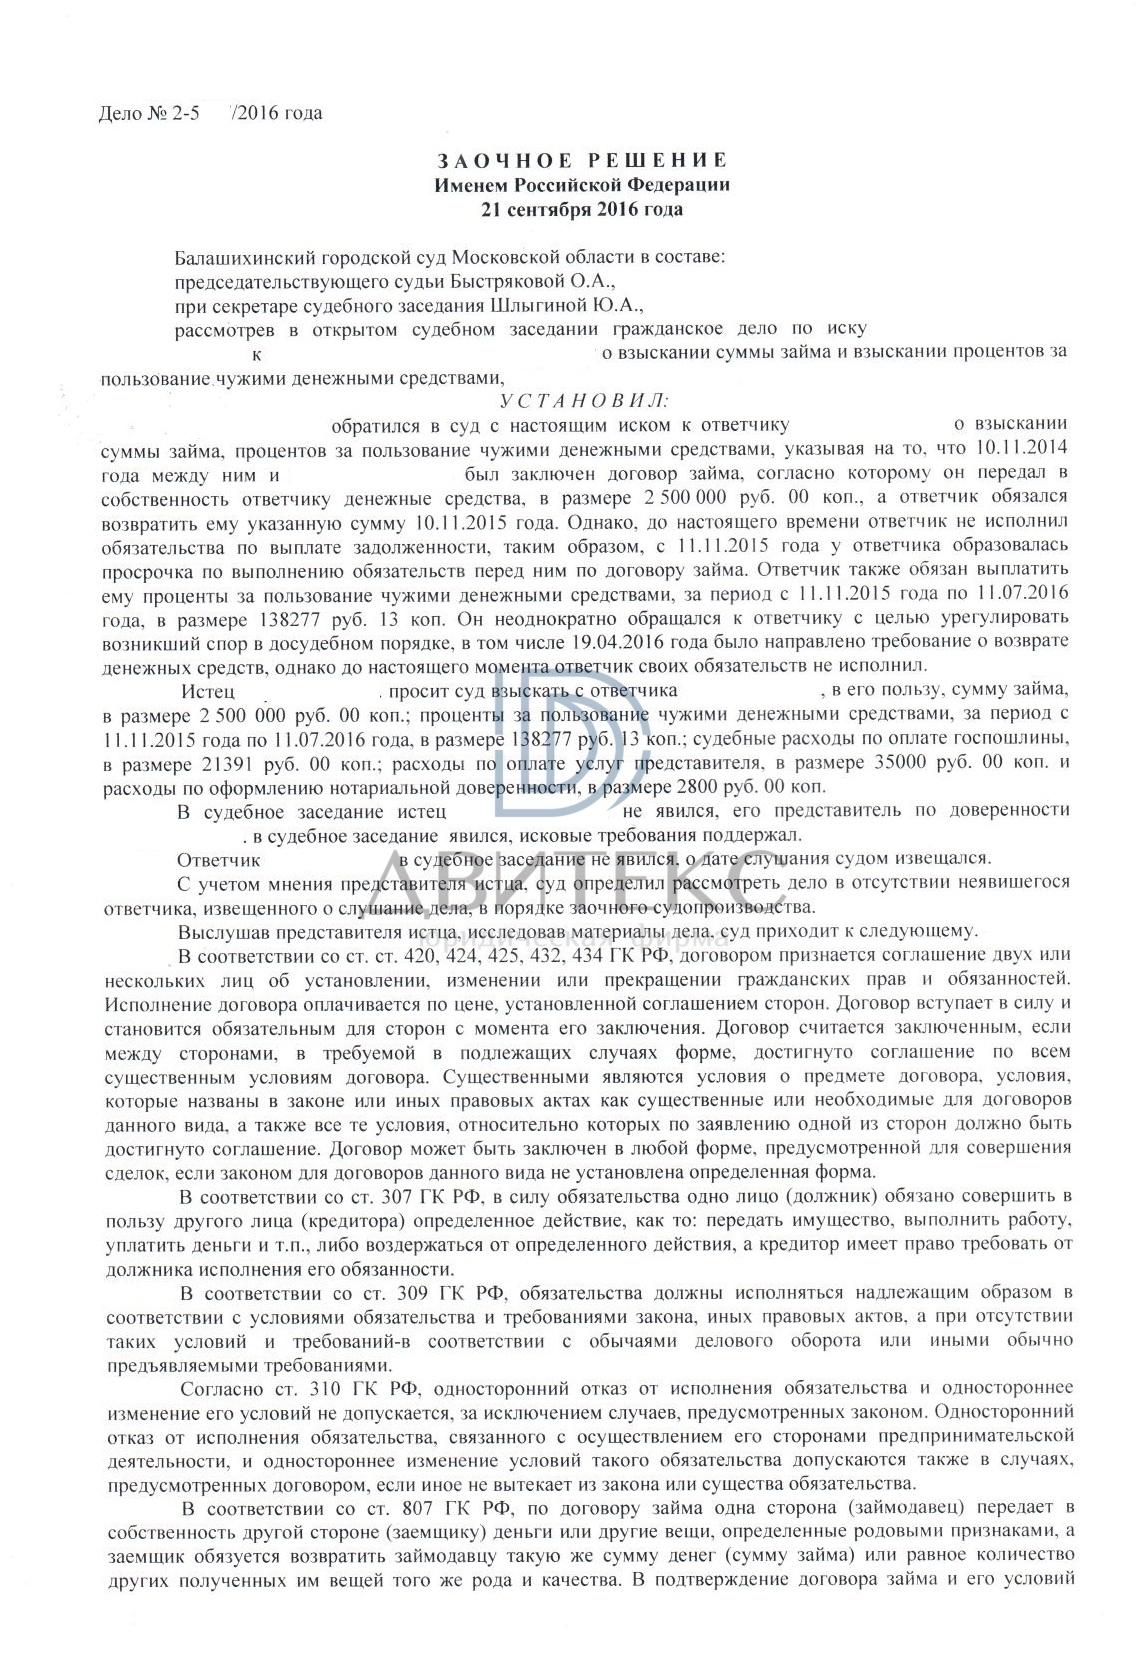 установите соответствие невыполнение условий договора займа